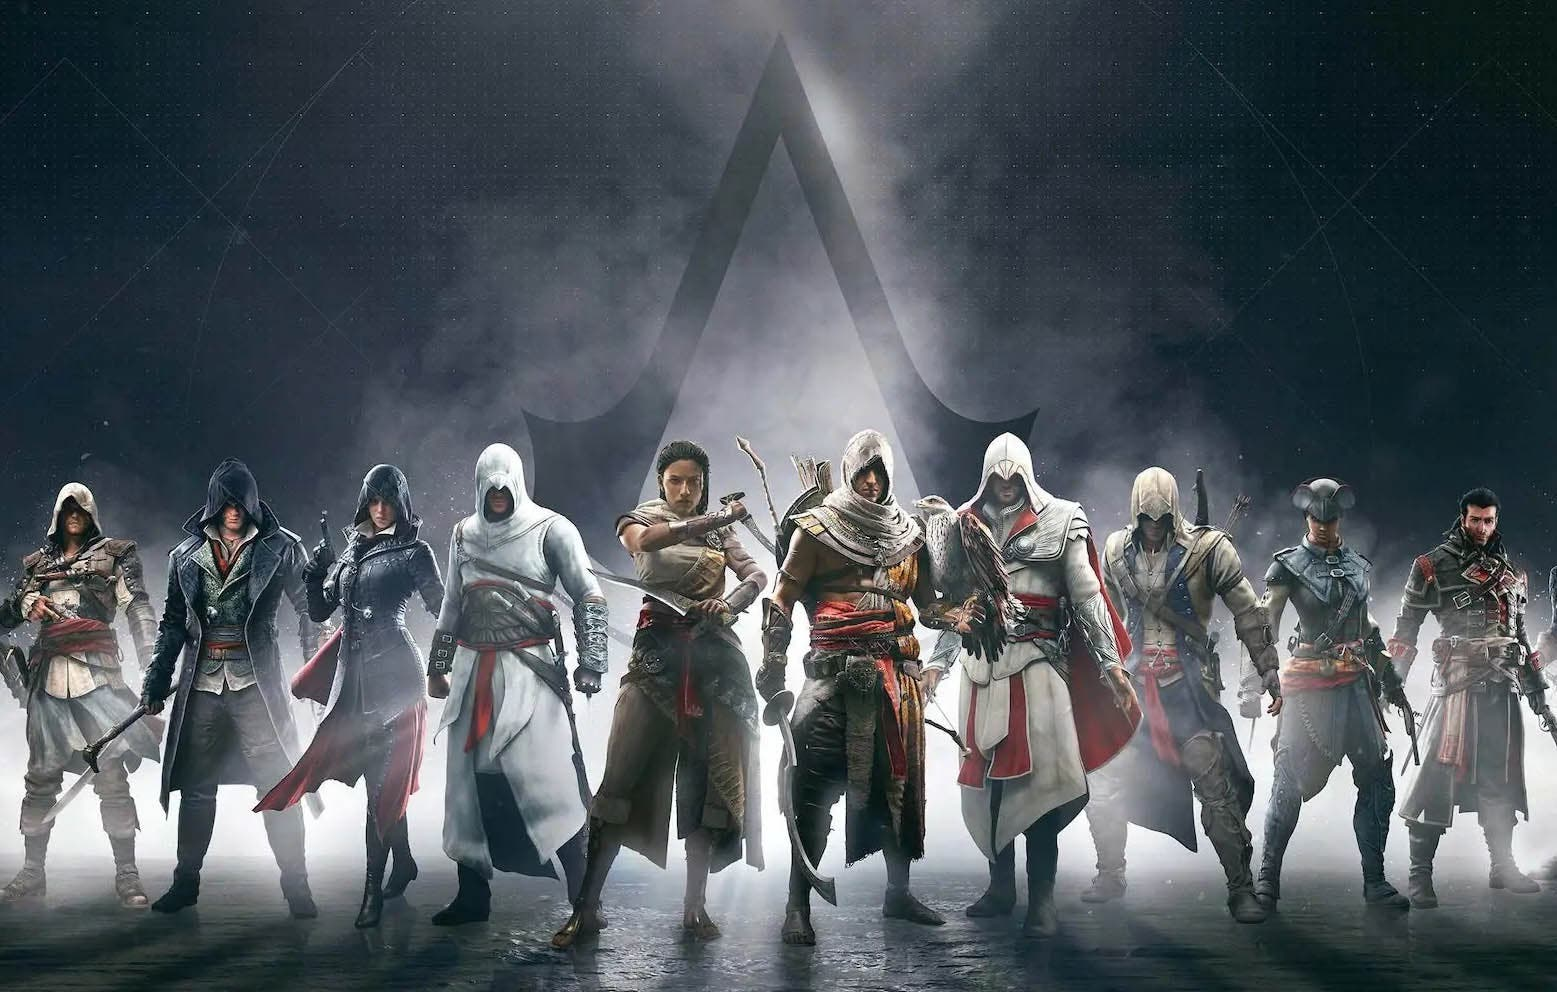 Assassin's Creed Infinity seguiría proporcionando experiencias narrativas de alta calidad 1